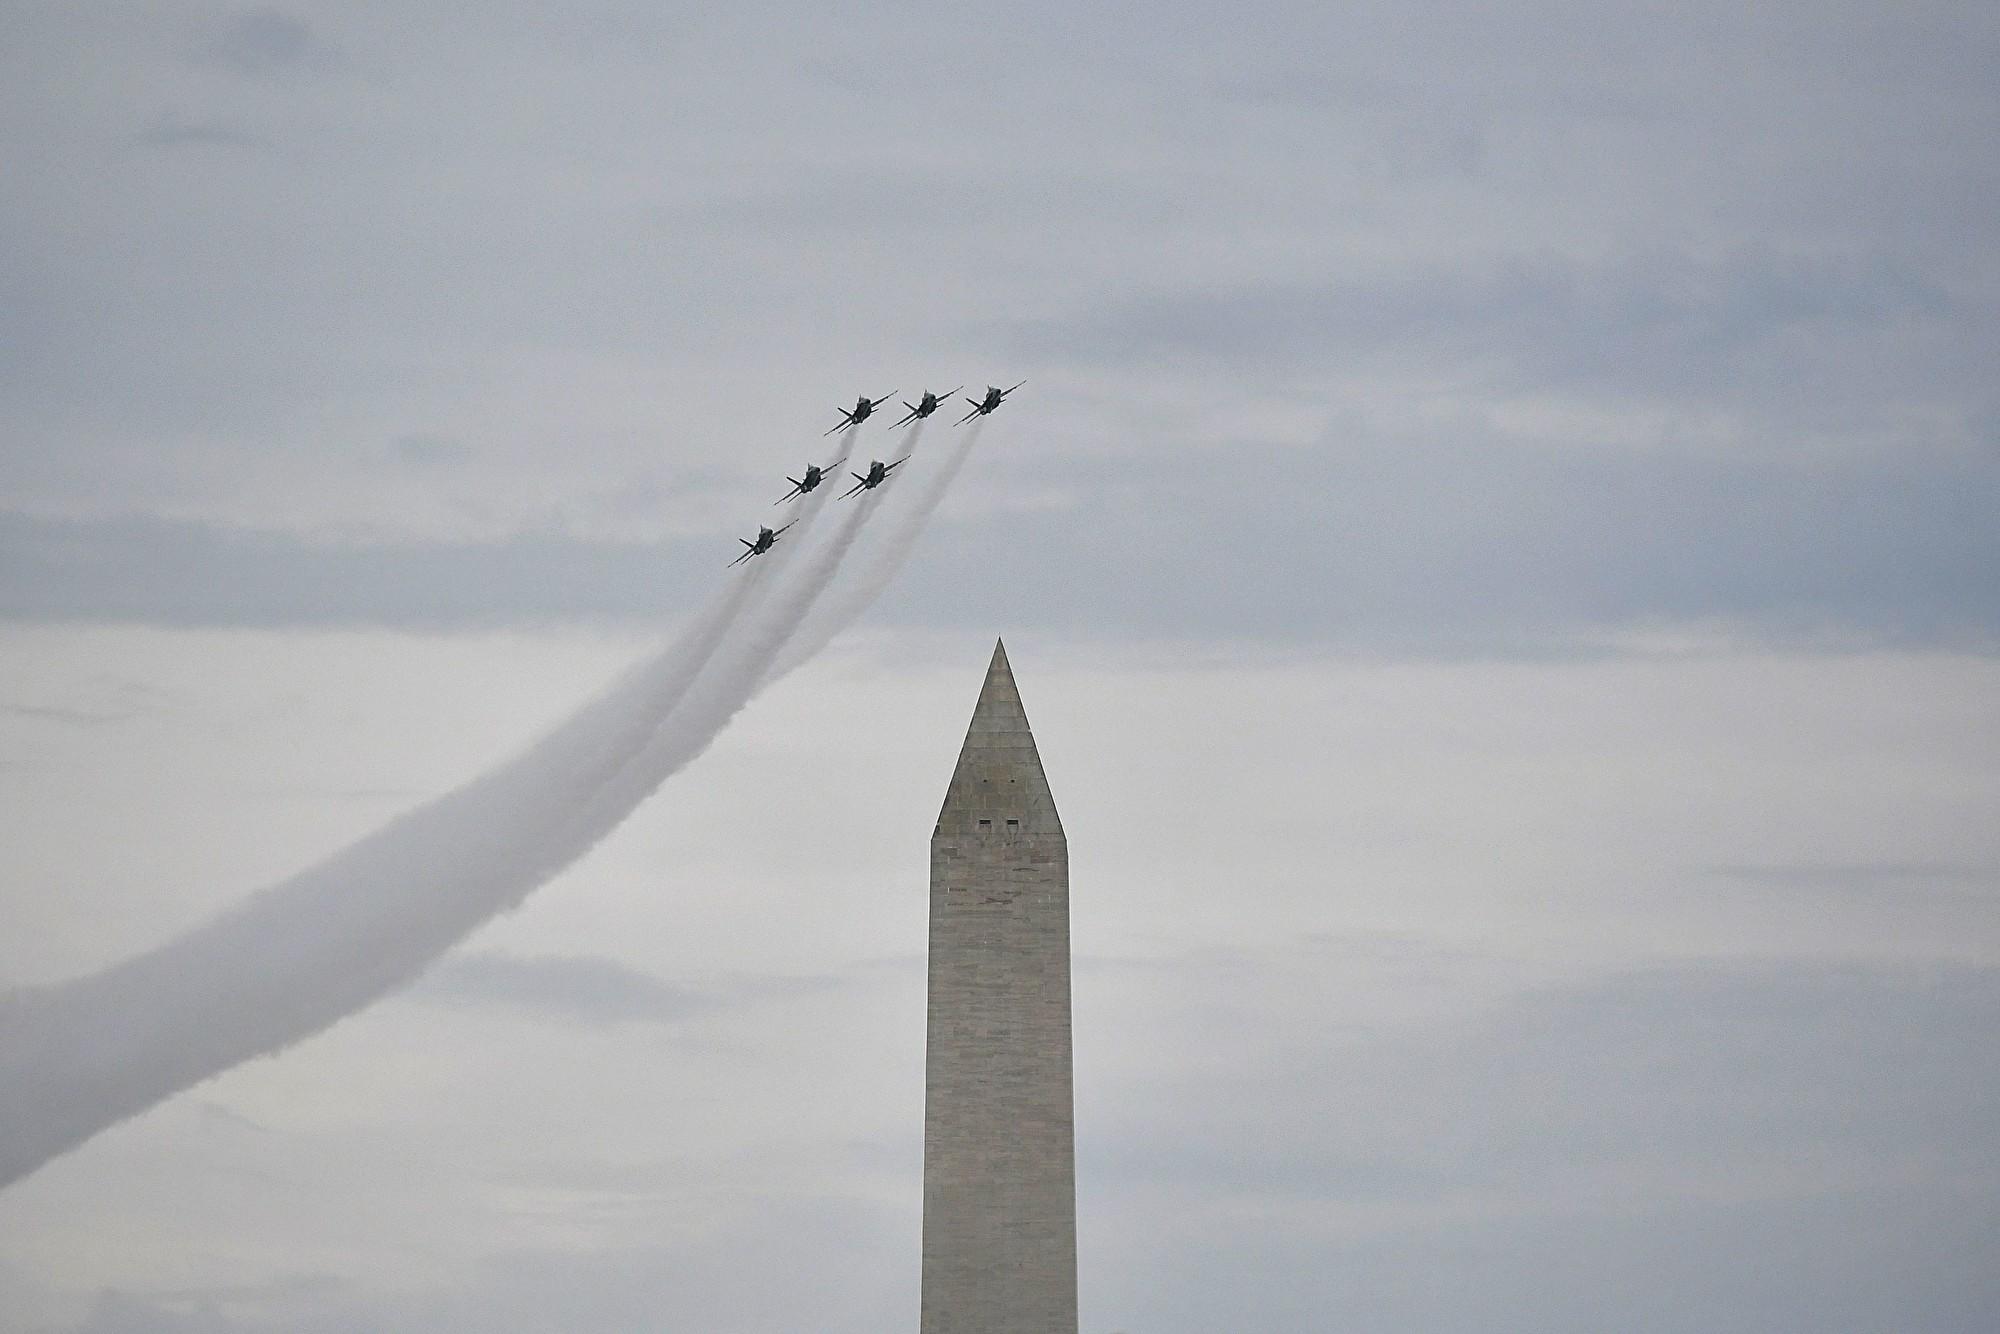 2019年7月4日,美國總統特朗普在華盛頓特區林肯紀念堂舉行「向美國致敬」國慶慶祝活動,人們聚集在國家廣場上,藍天使的6架F-18戰機飛過頭頂。(MANDEL NGAN/AFP)